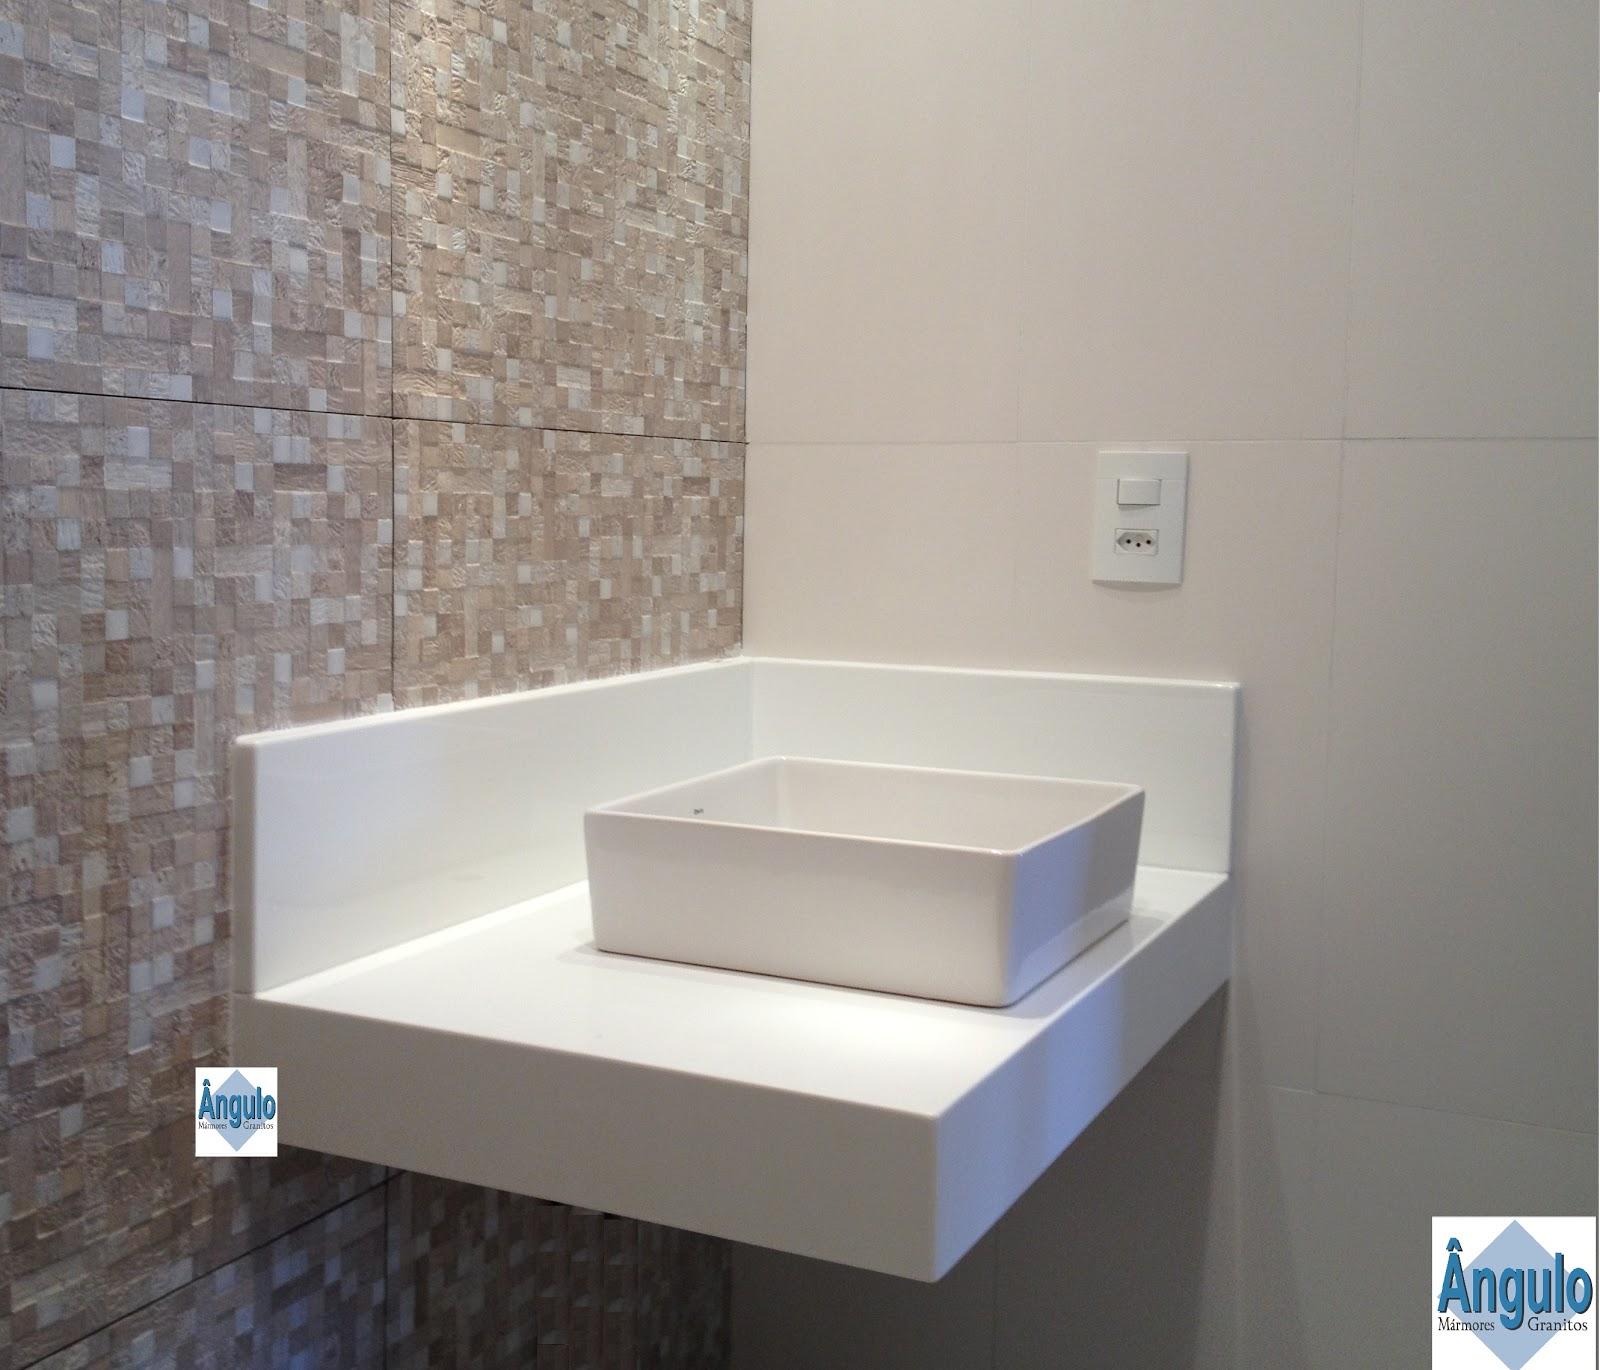 Essas bancadas lindas e branquíssimas são feitas de Nanoglass! Já  #446387 1600x1370 Bancada Banheiro Usada